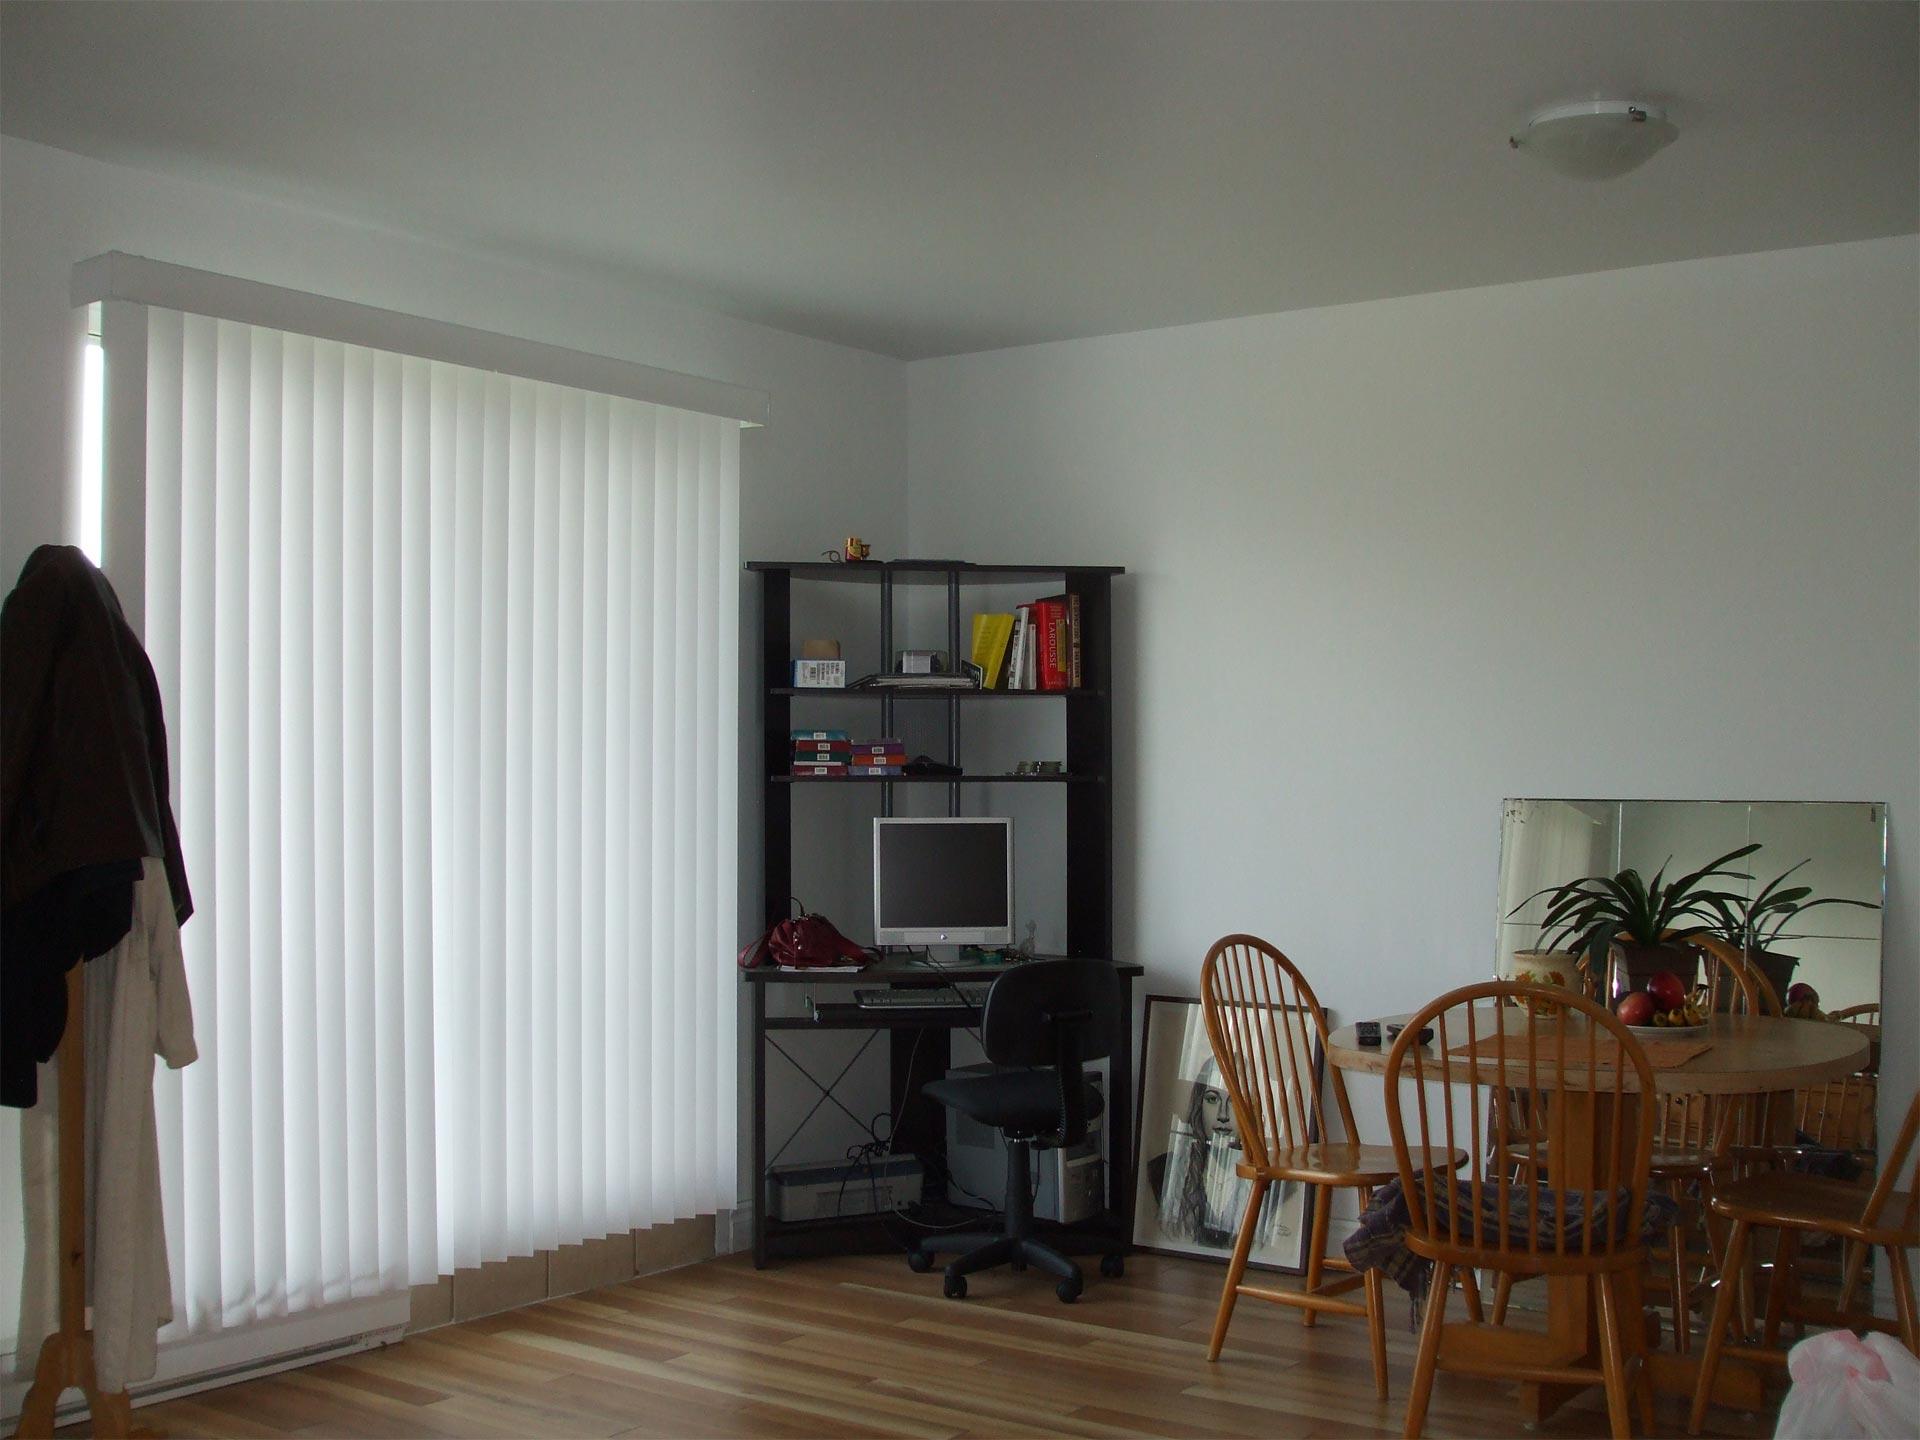 appartement-2-granby-125-135-st-michel-cuisine-retouche.jpg